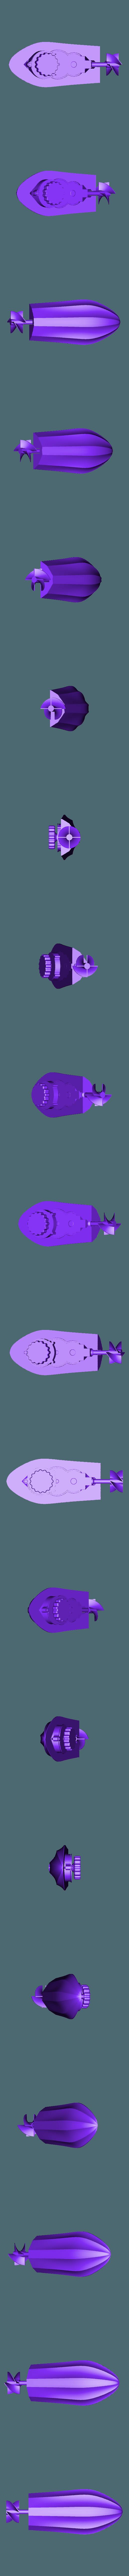 Mini_Wind_Up_Boat_v4.stl Download free STL file Mini wind-up boat prototype screwless • 3D printer object, GreenDot